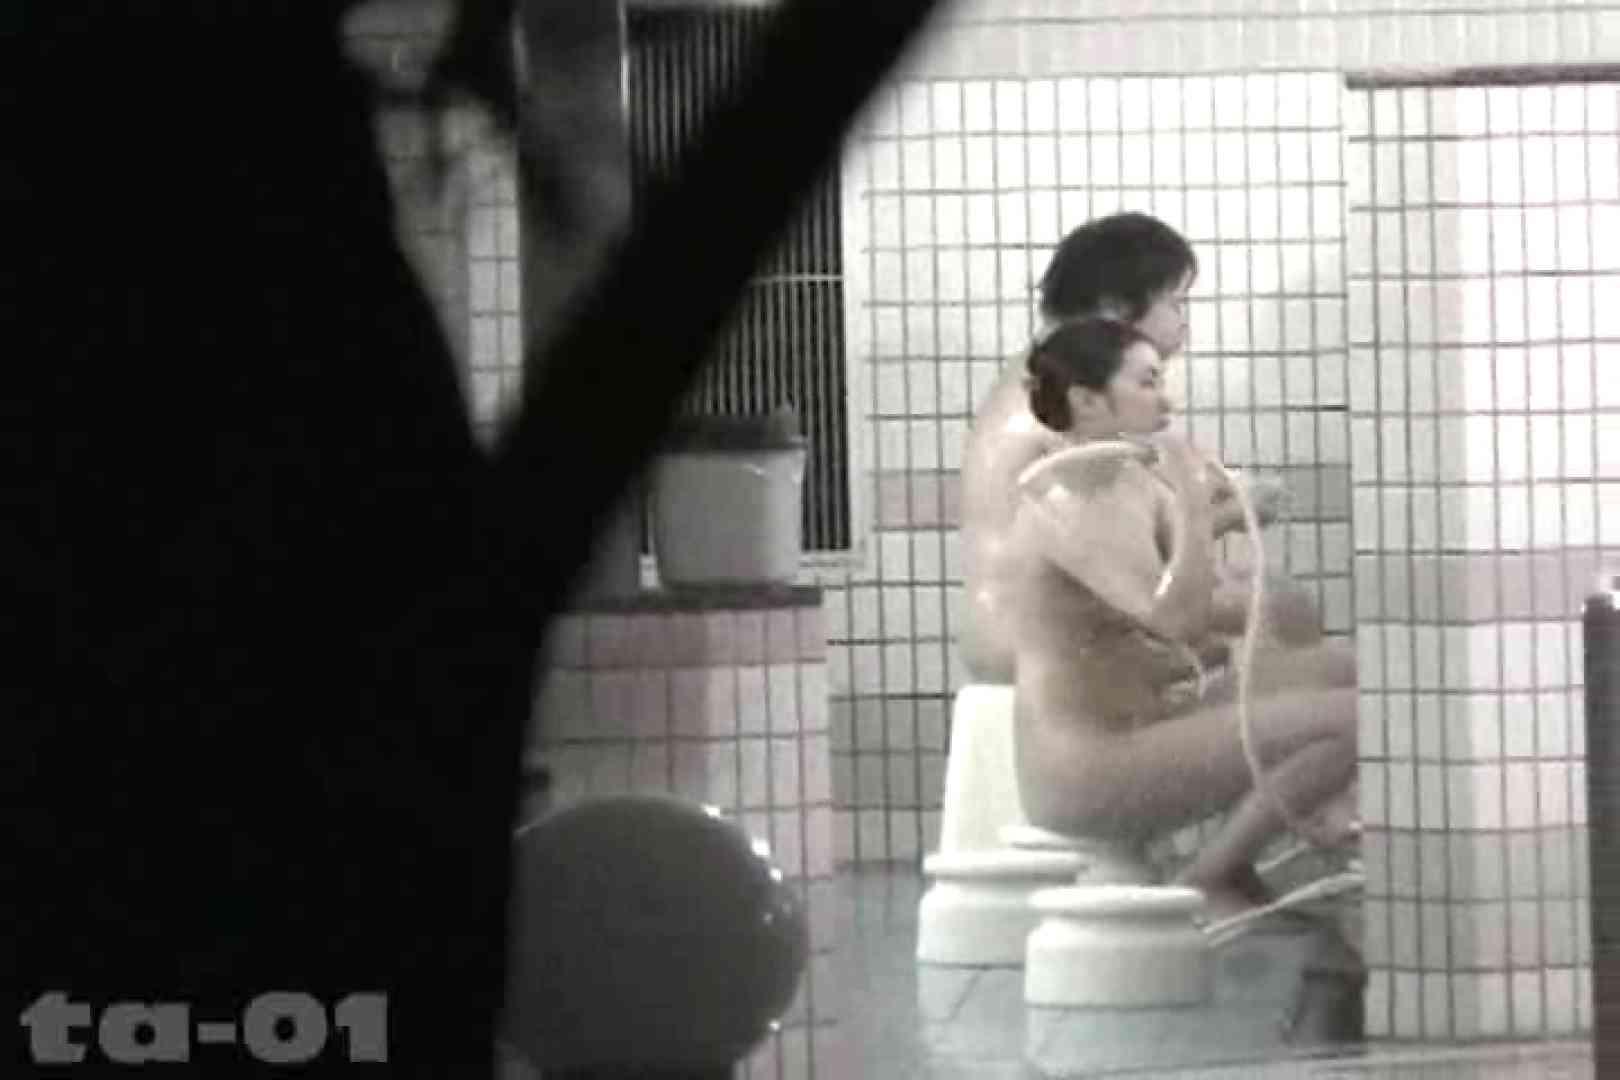 合宿ホテル女風呂盗撮高画質版 Vol.01 色っぽいOL達  98pic 24